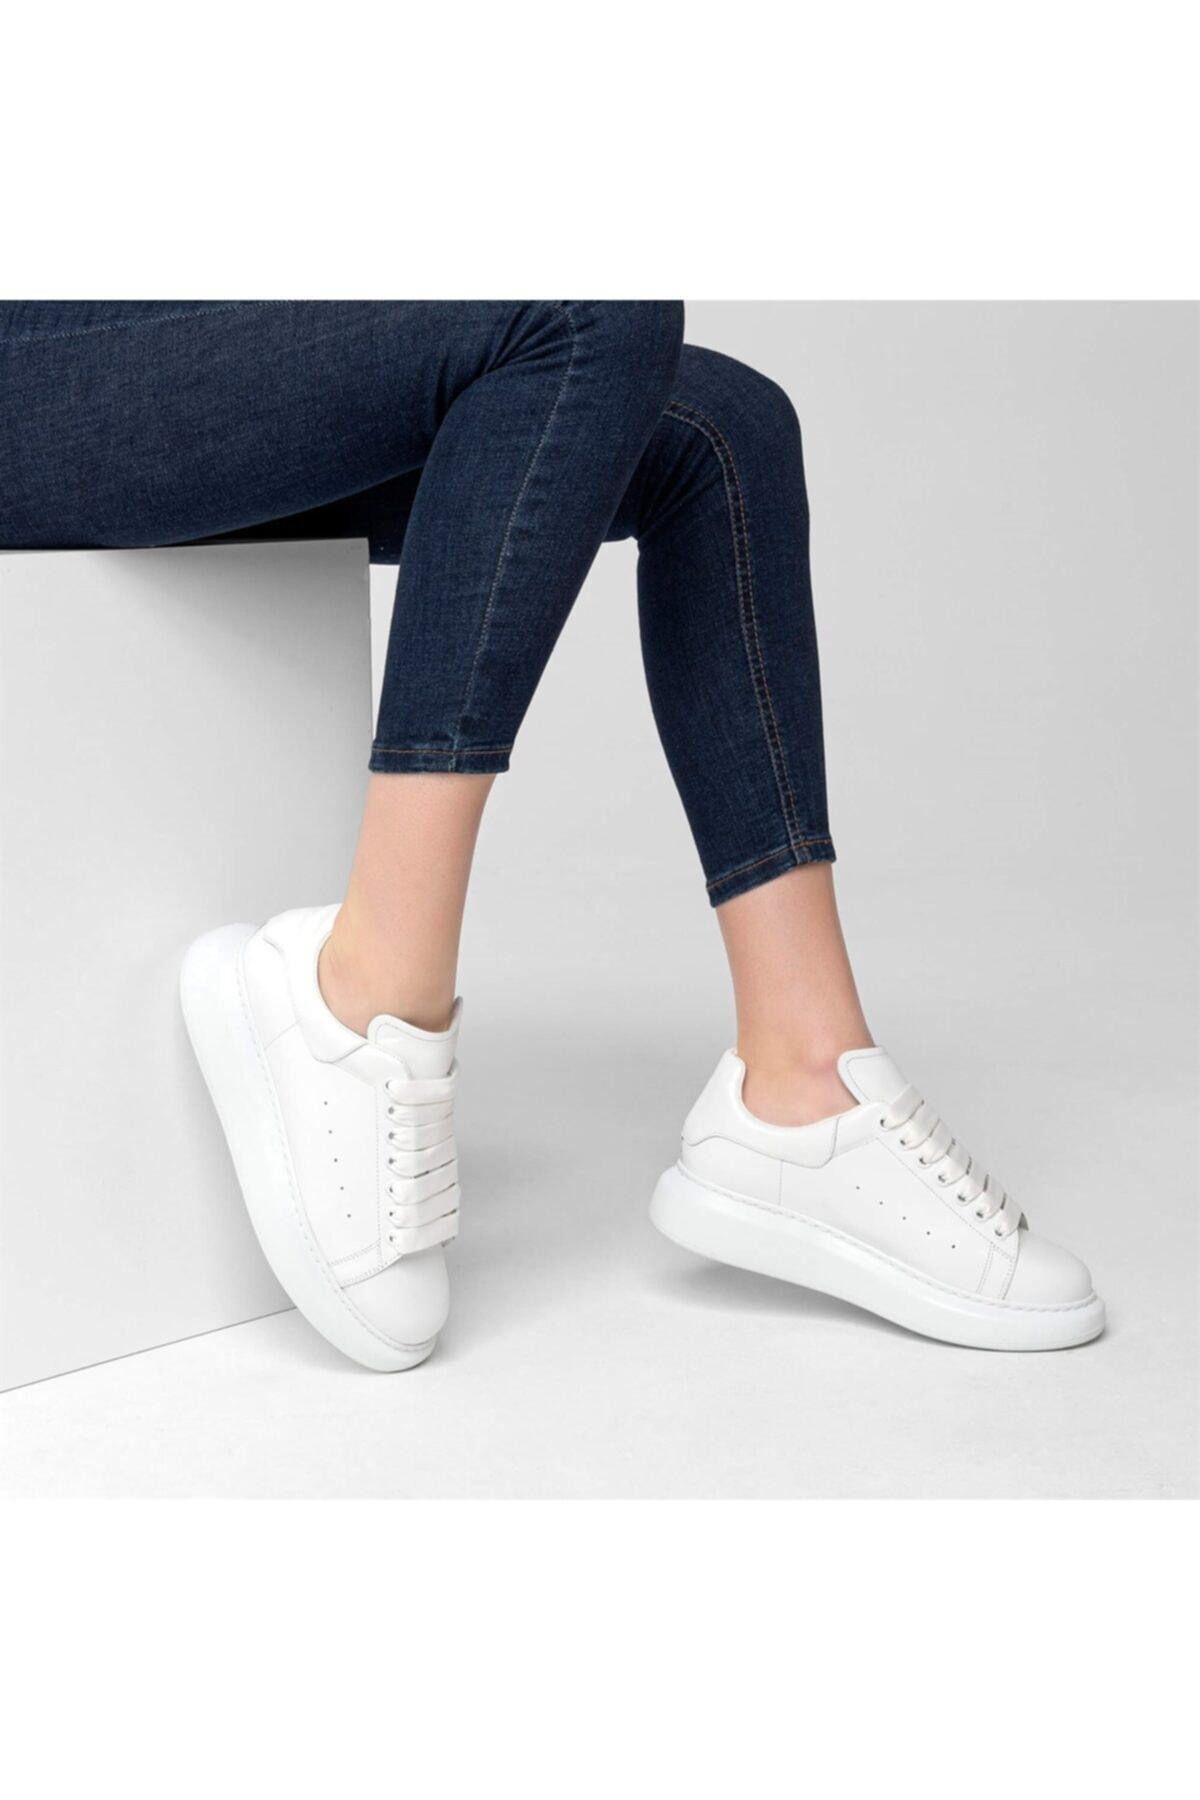 Flower Kadın Beyaz Deri Yüksek Tabanlı Spor Ayakkabı 2